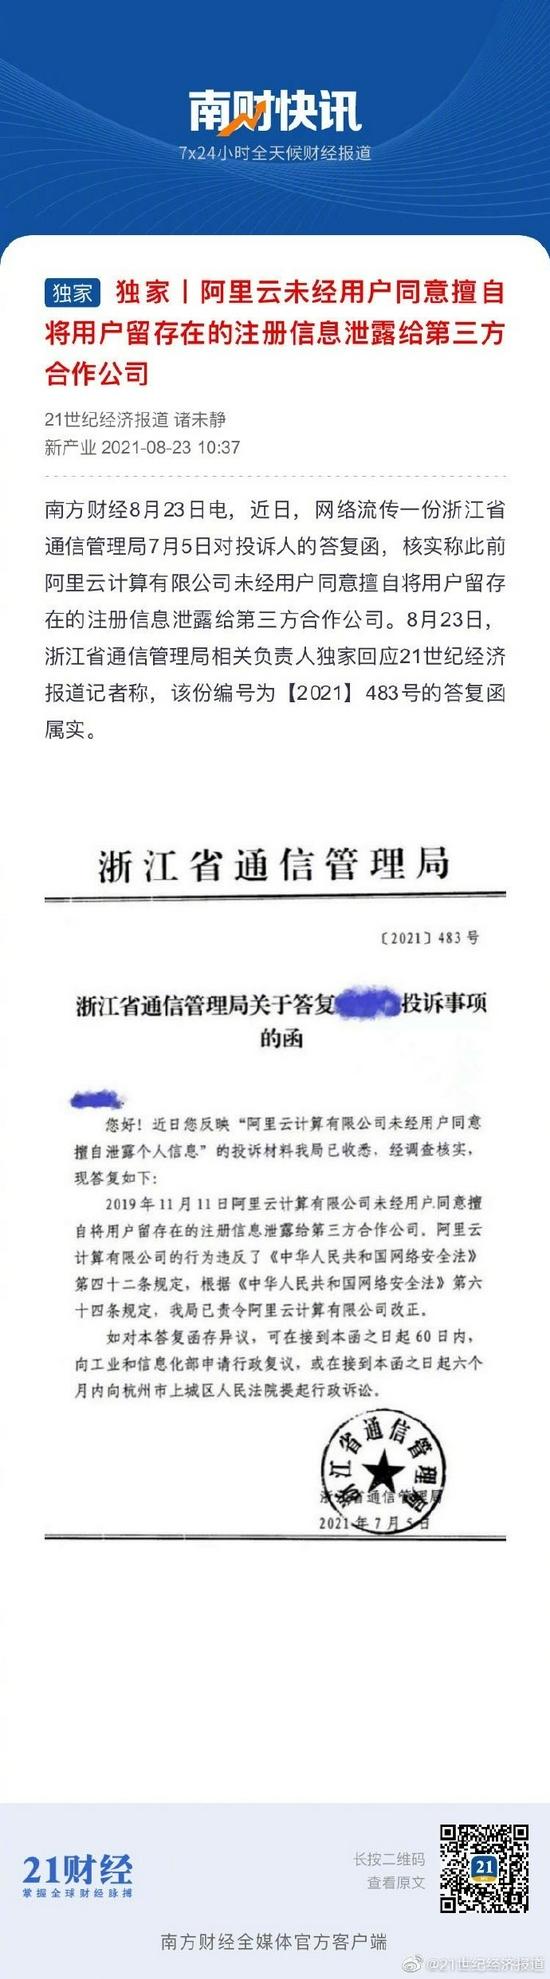 阿里云未经用户同意擅自将用户留存在的注册信息泄露给第三方合作公司